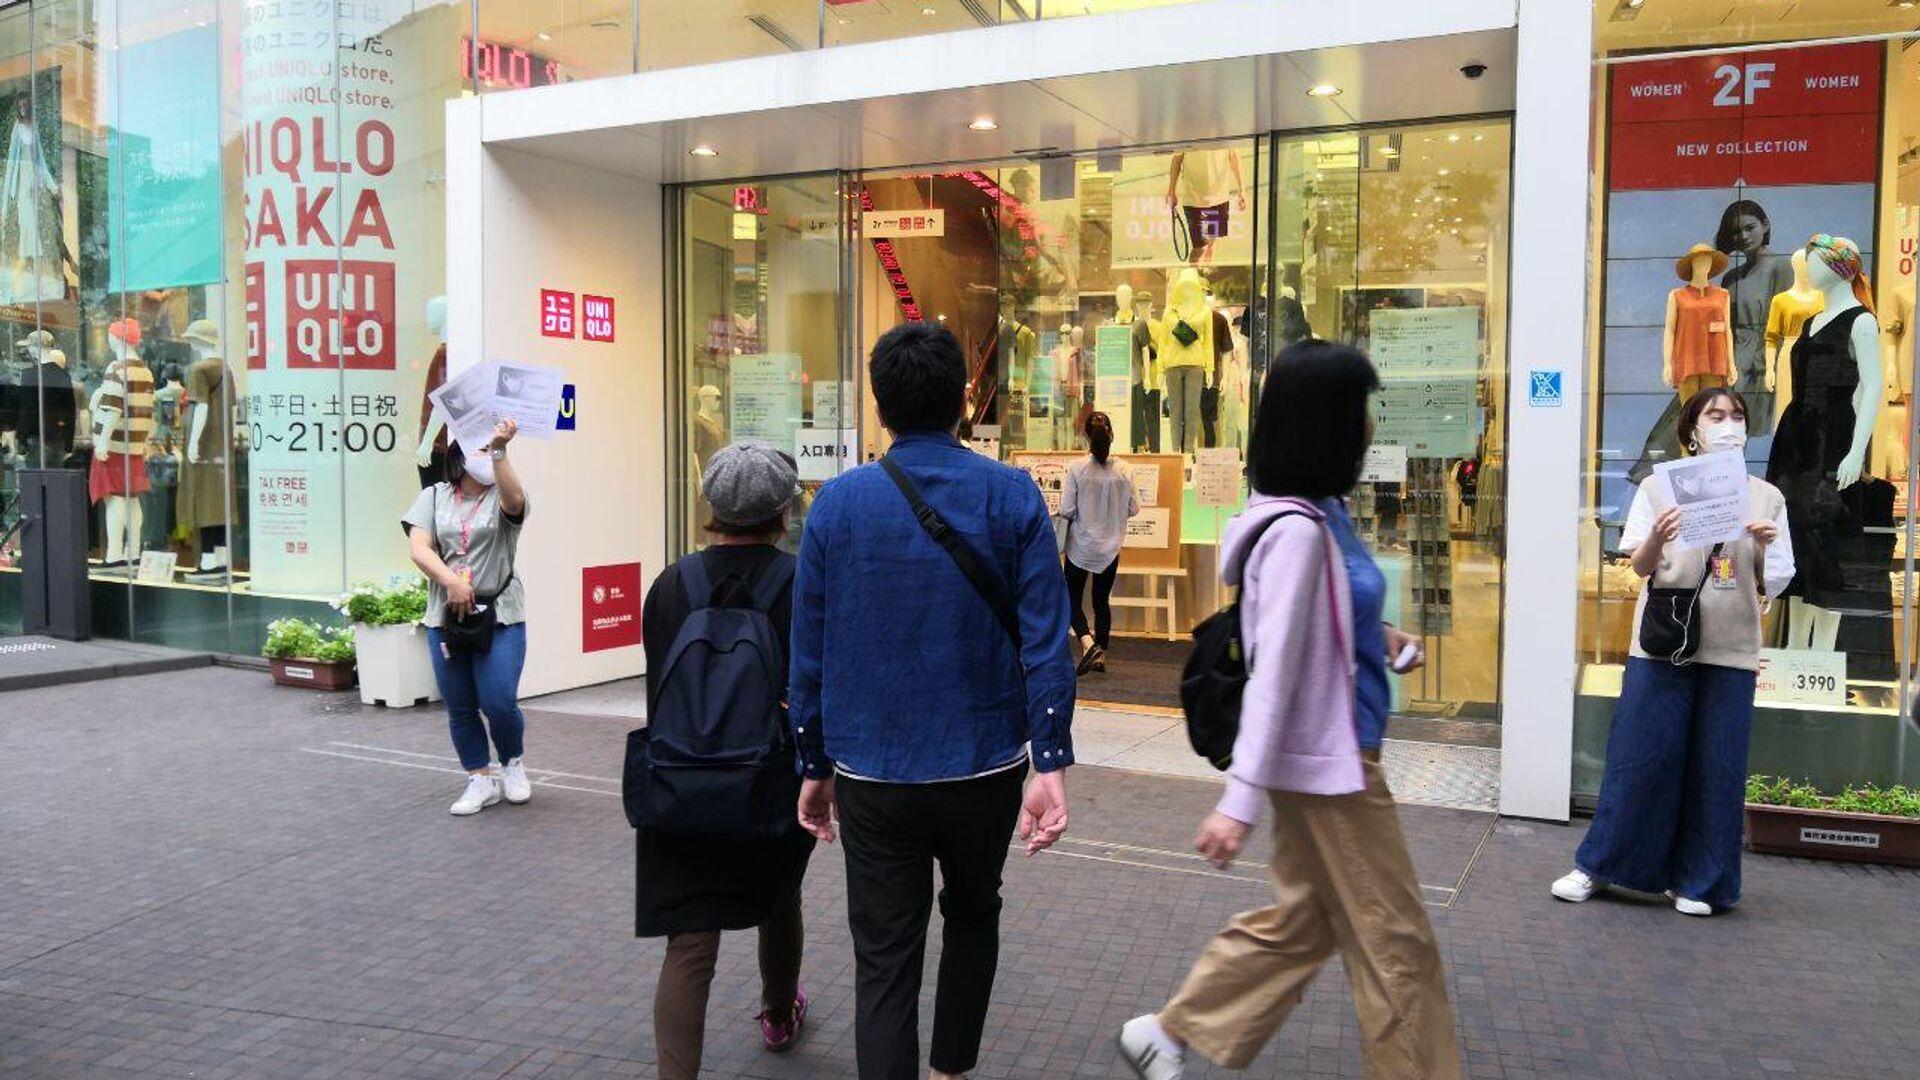 Старт продаж защитных тканевых масок в магазинах Uniqlo по всей Японии - РИА Новости, 1920, 03.01.2021